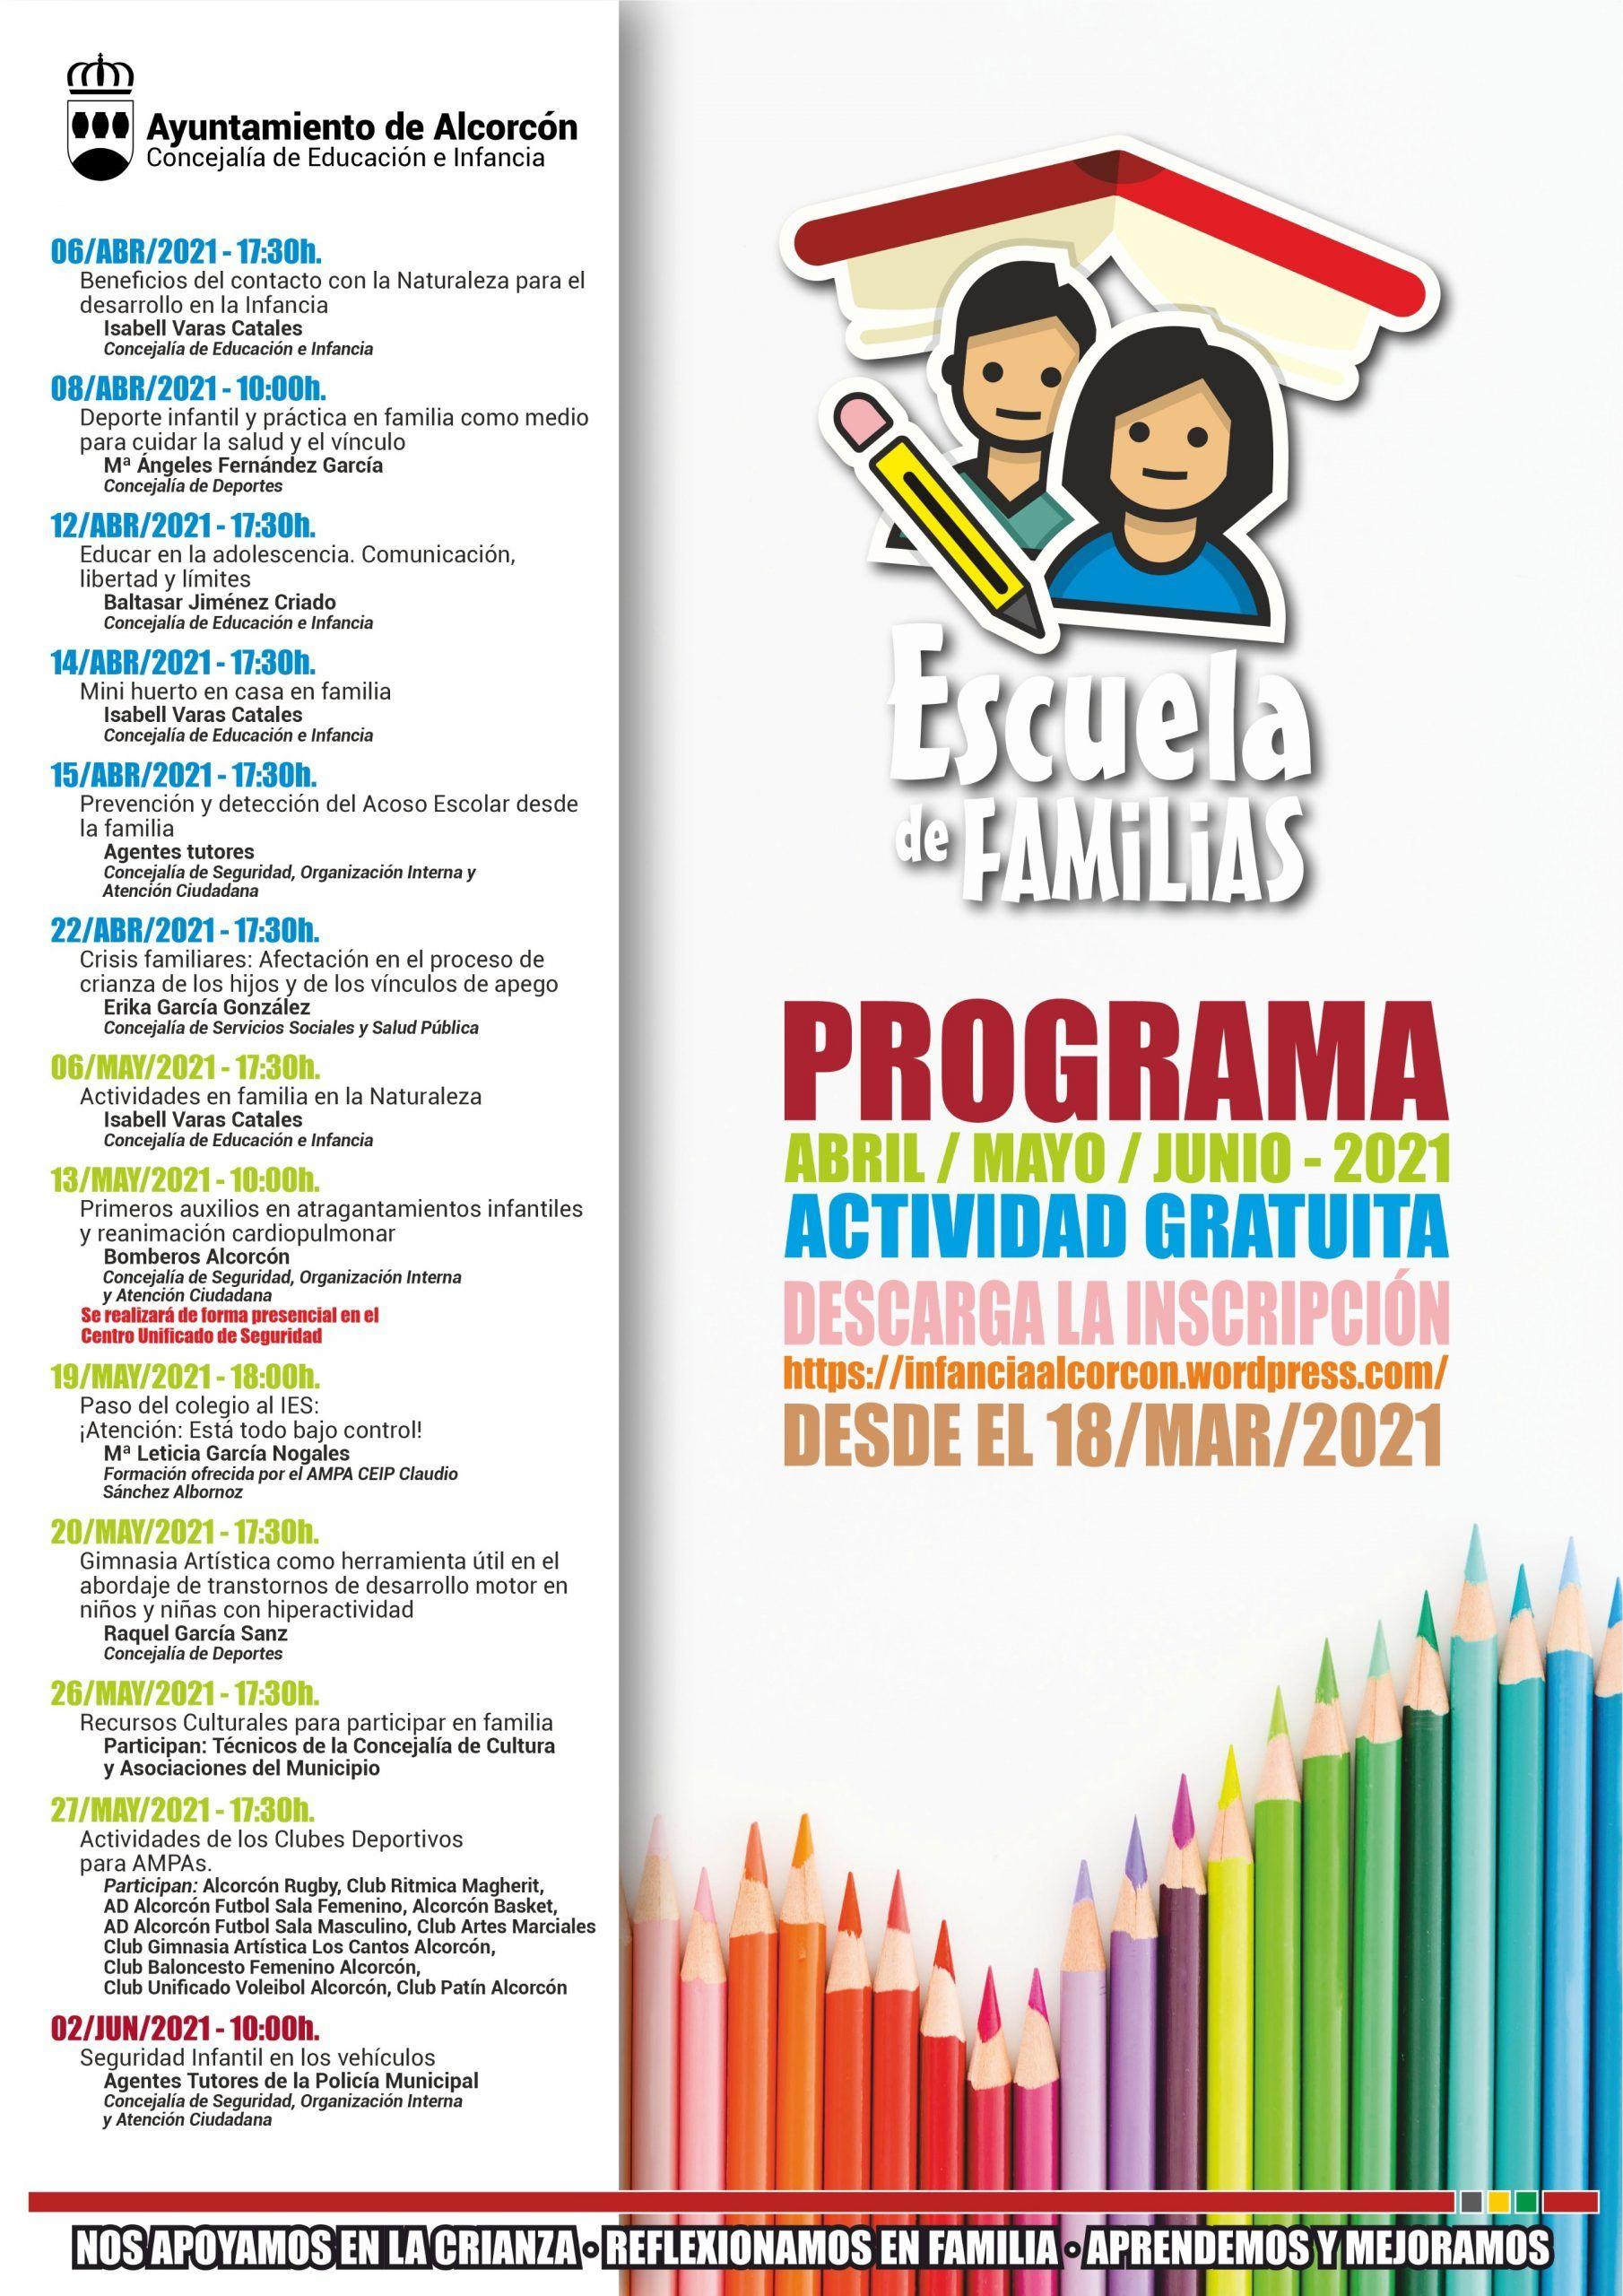 Nueva programación de la Escuela de Familias de Alcorcón